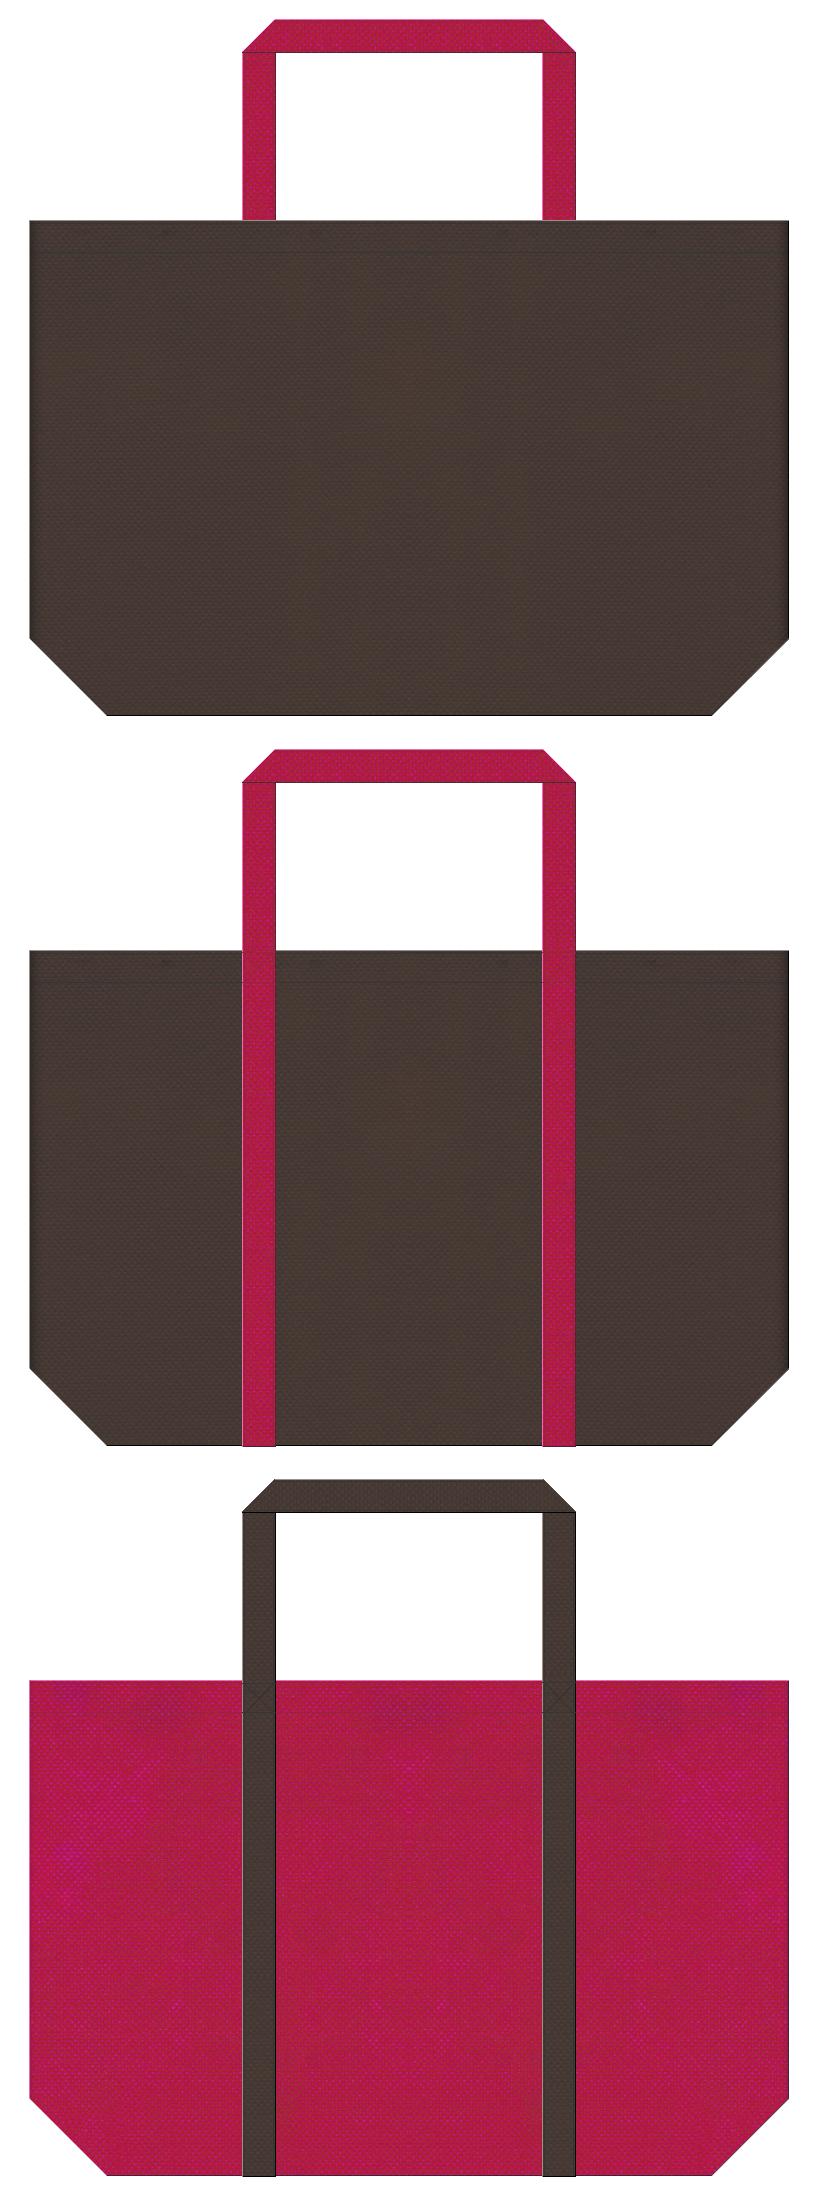 和風催事・振袖・梅・姫・ゲーム・ネイル・靴・ウィッグ・コスプレイベント・南国・ハワイアン・アロハシャツ・トロピカル・観光リゾート・トラベルバッグ・キャンプ・アウトドア・登山用品のショッピングバッグにお奨めの不織布バッグデザイン:こげ茶色と濃いピンク色のコーデ